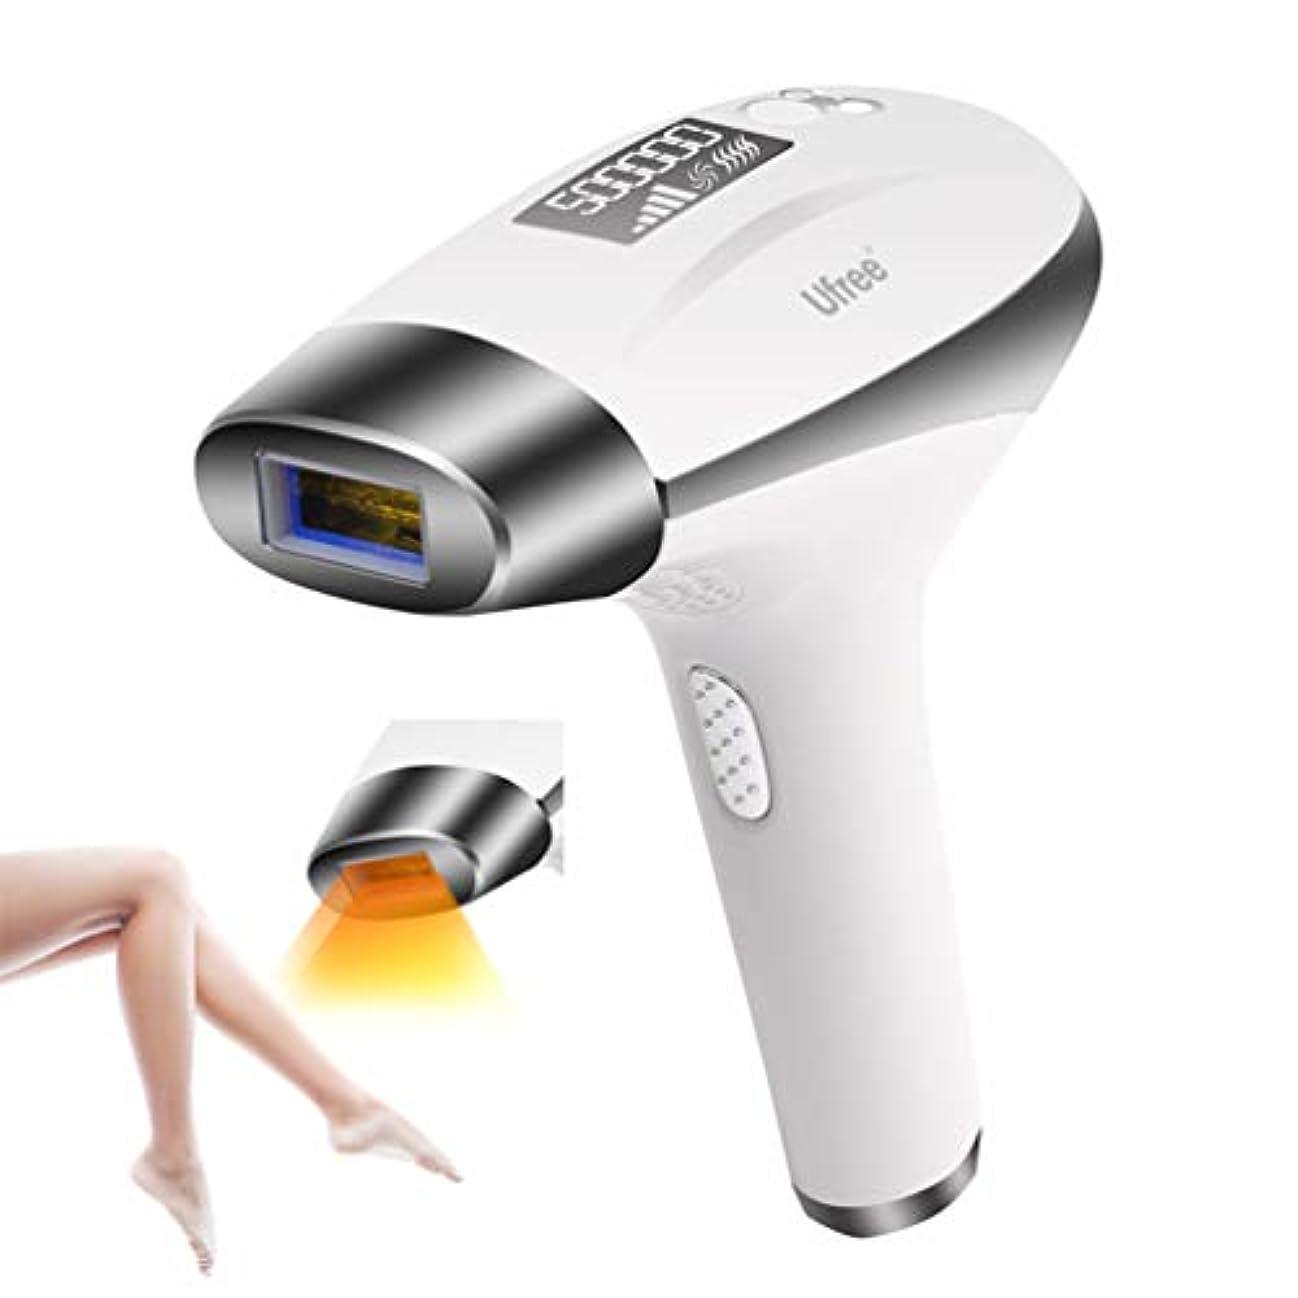 ぬいぐるみ指令契約女性の男性の体の顔とビキニ脇の下の痛みのない永久的な美容デバイスのポータブルレーザー脱毛ライト脱毛器